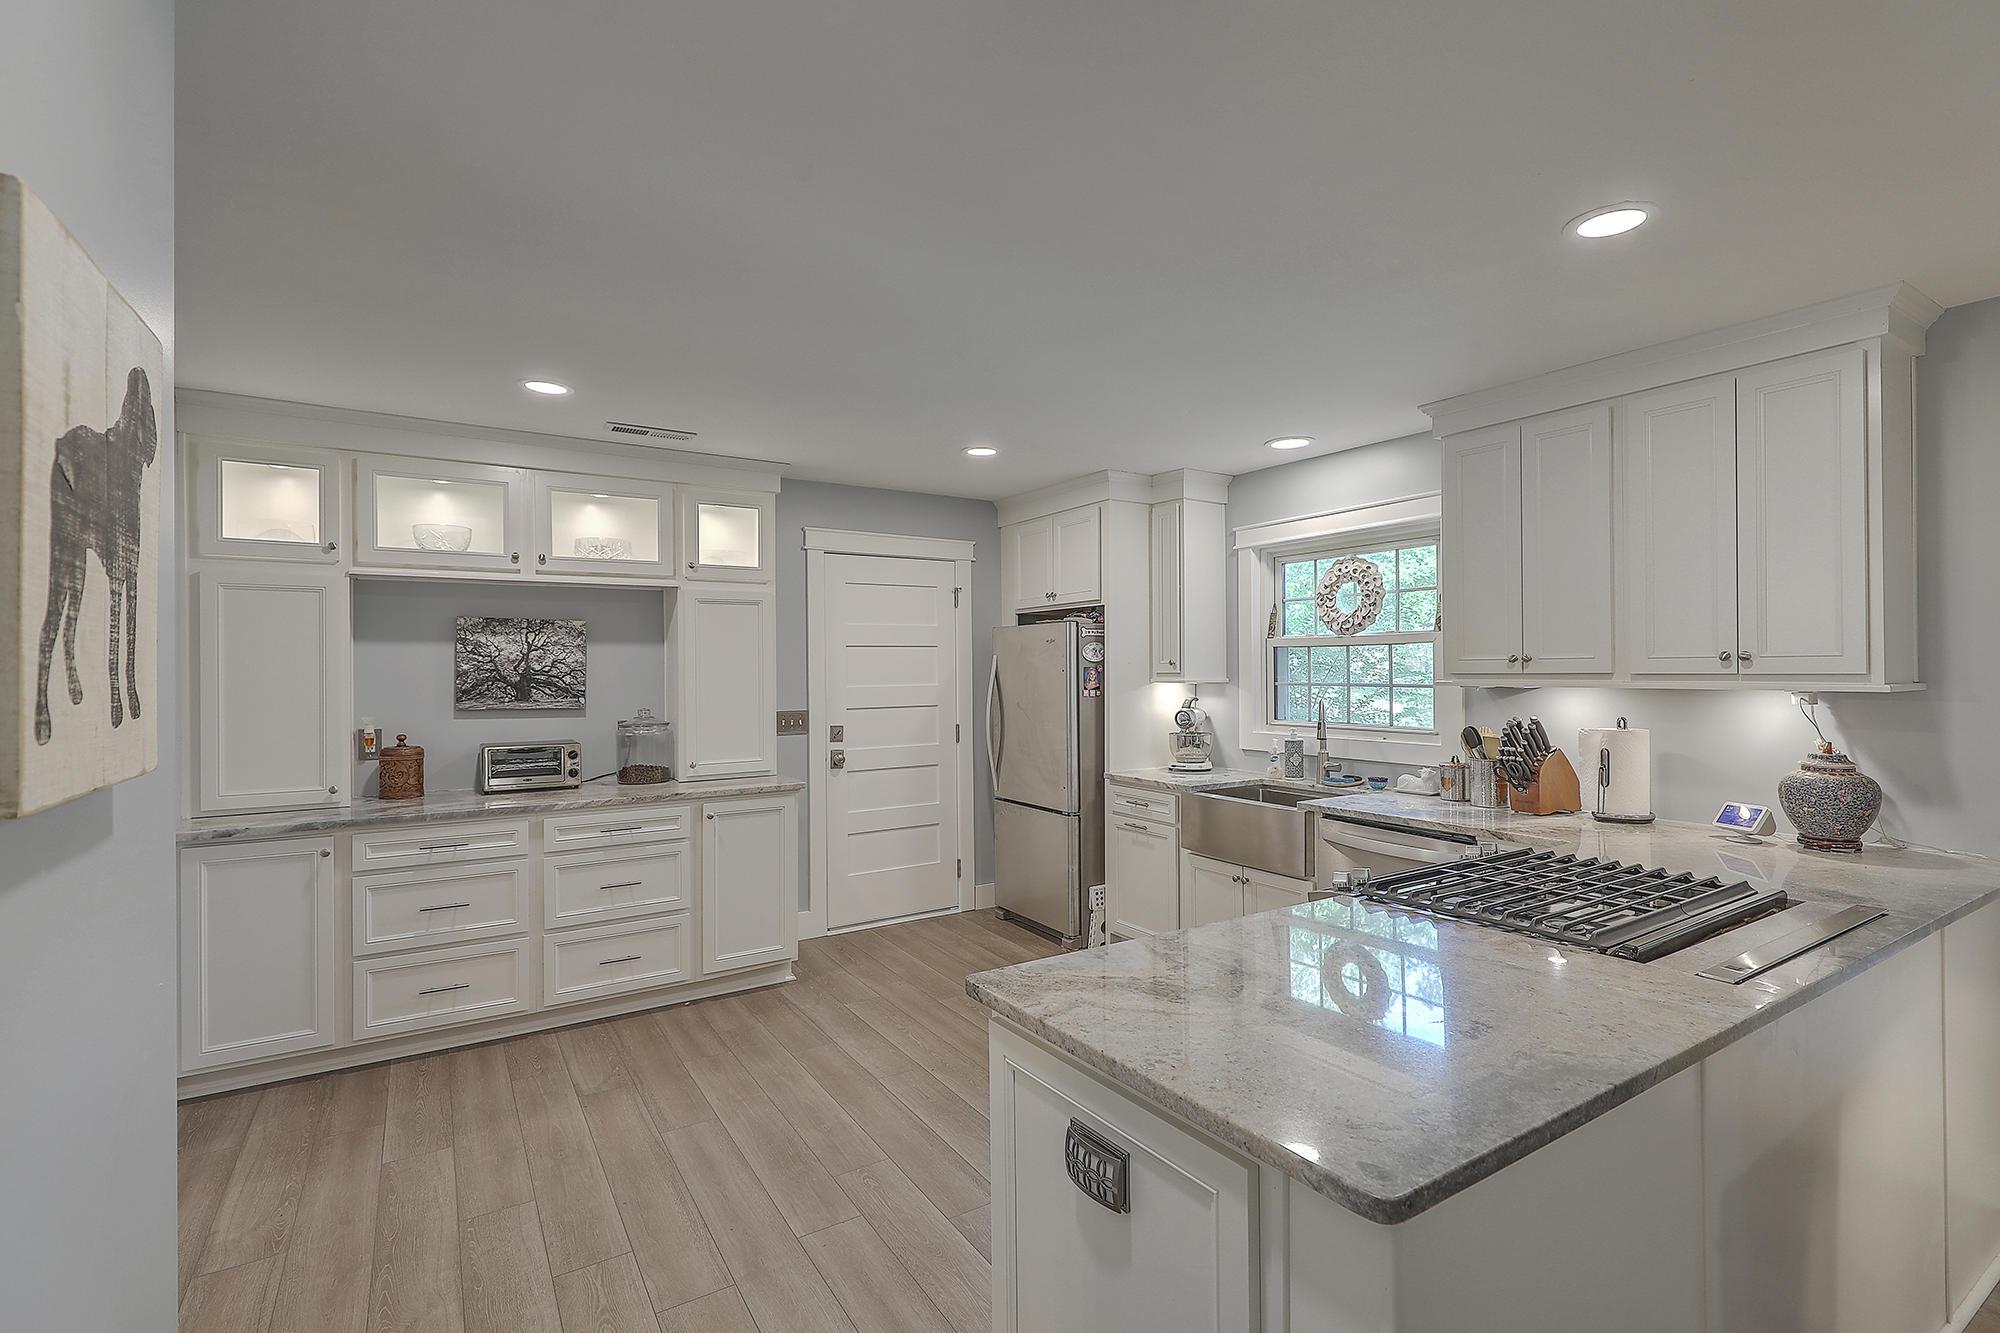 Belvedere Estates Homes For Sale - 1149 Brookside, Hanahan, SC - 0